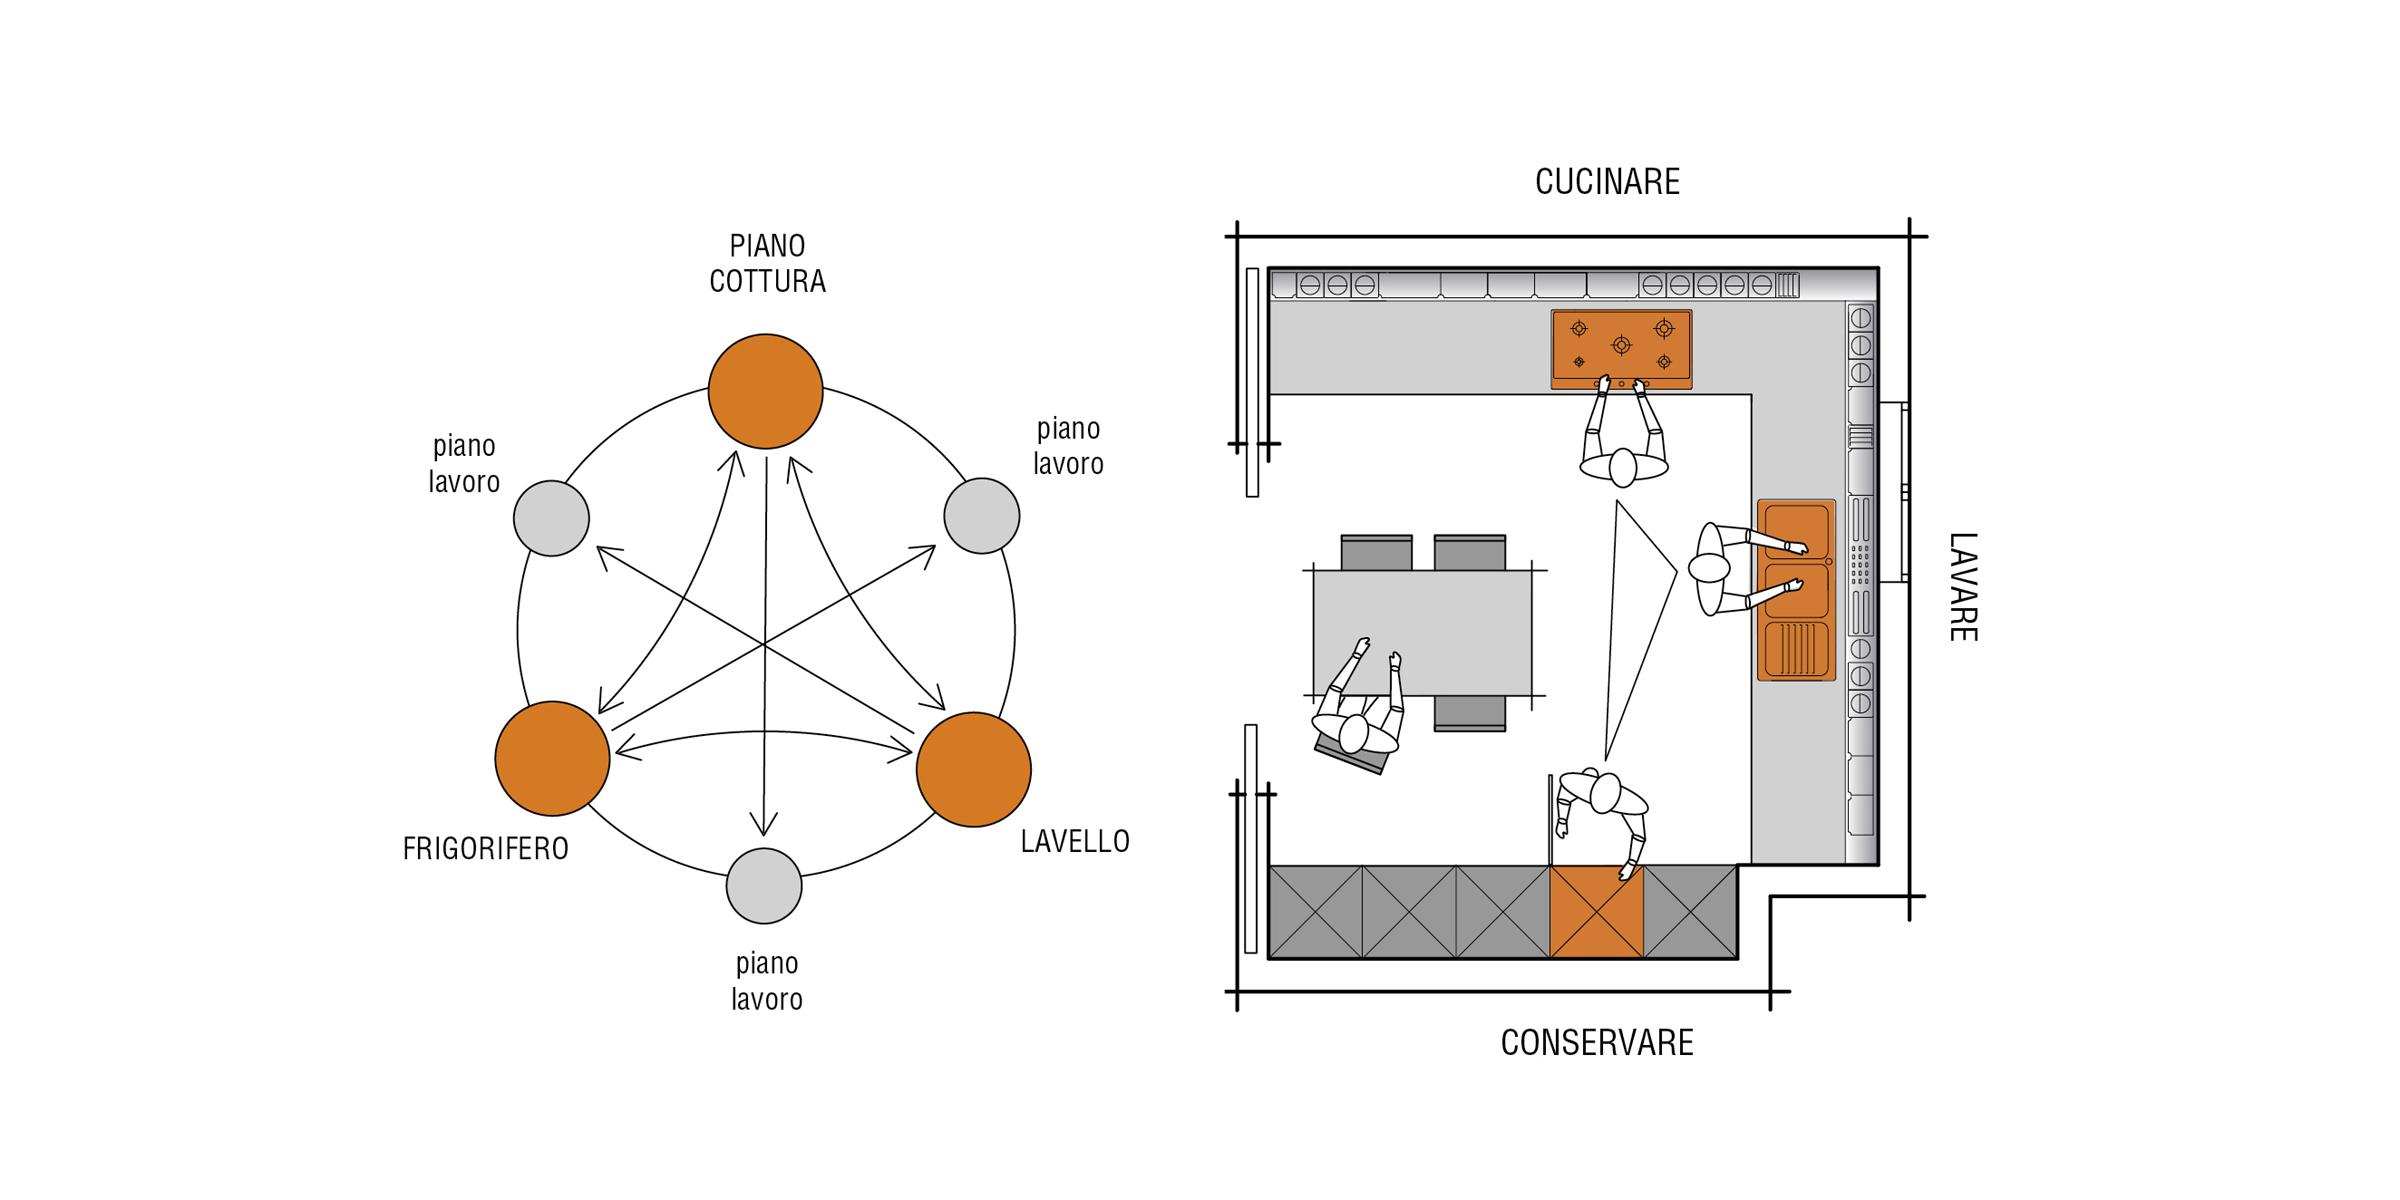 Disposizione Cucina | Progettazione | Valcucine